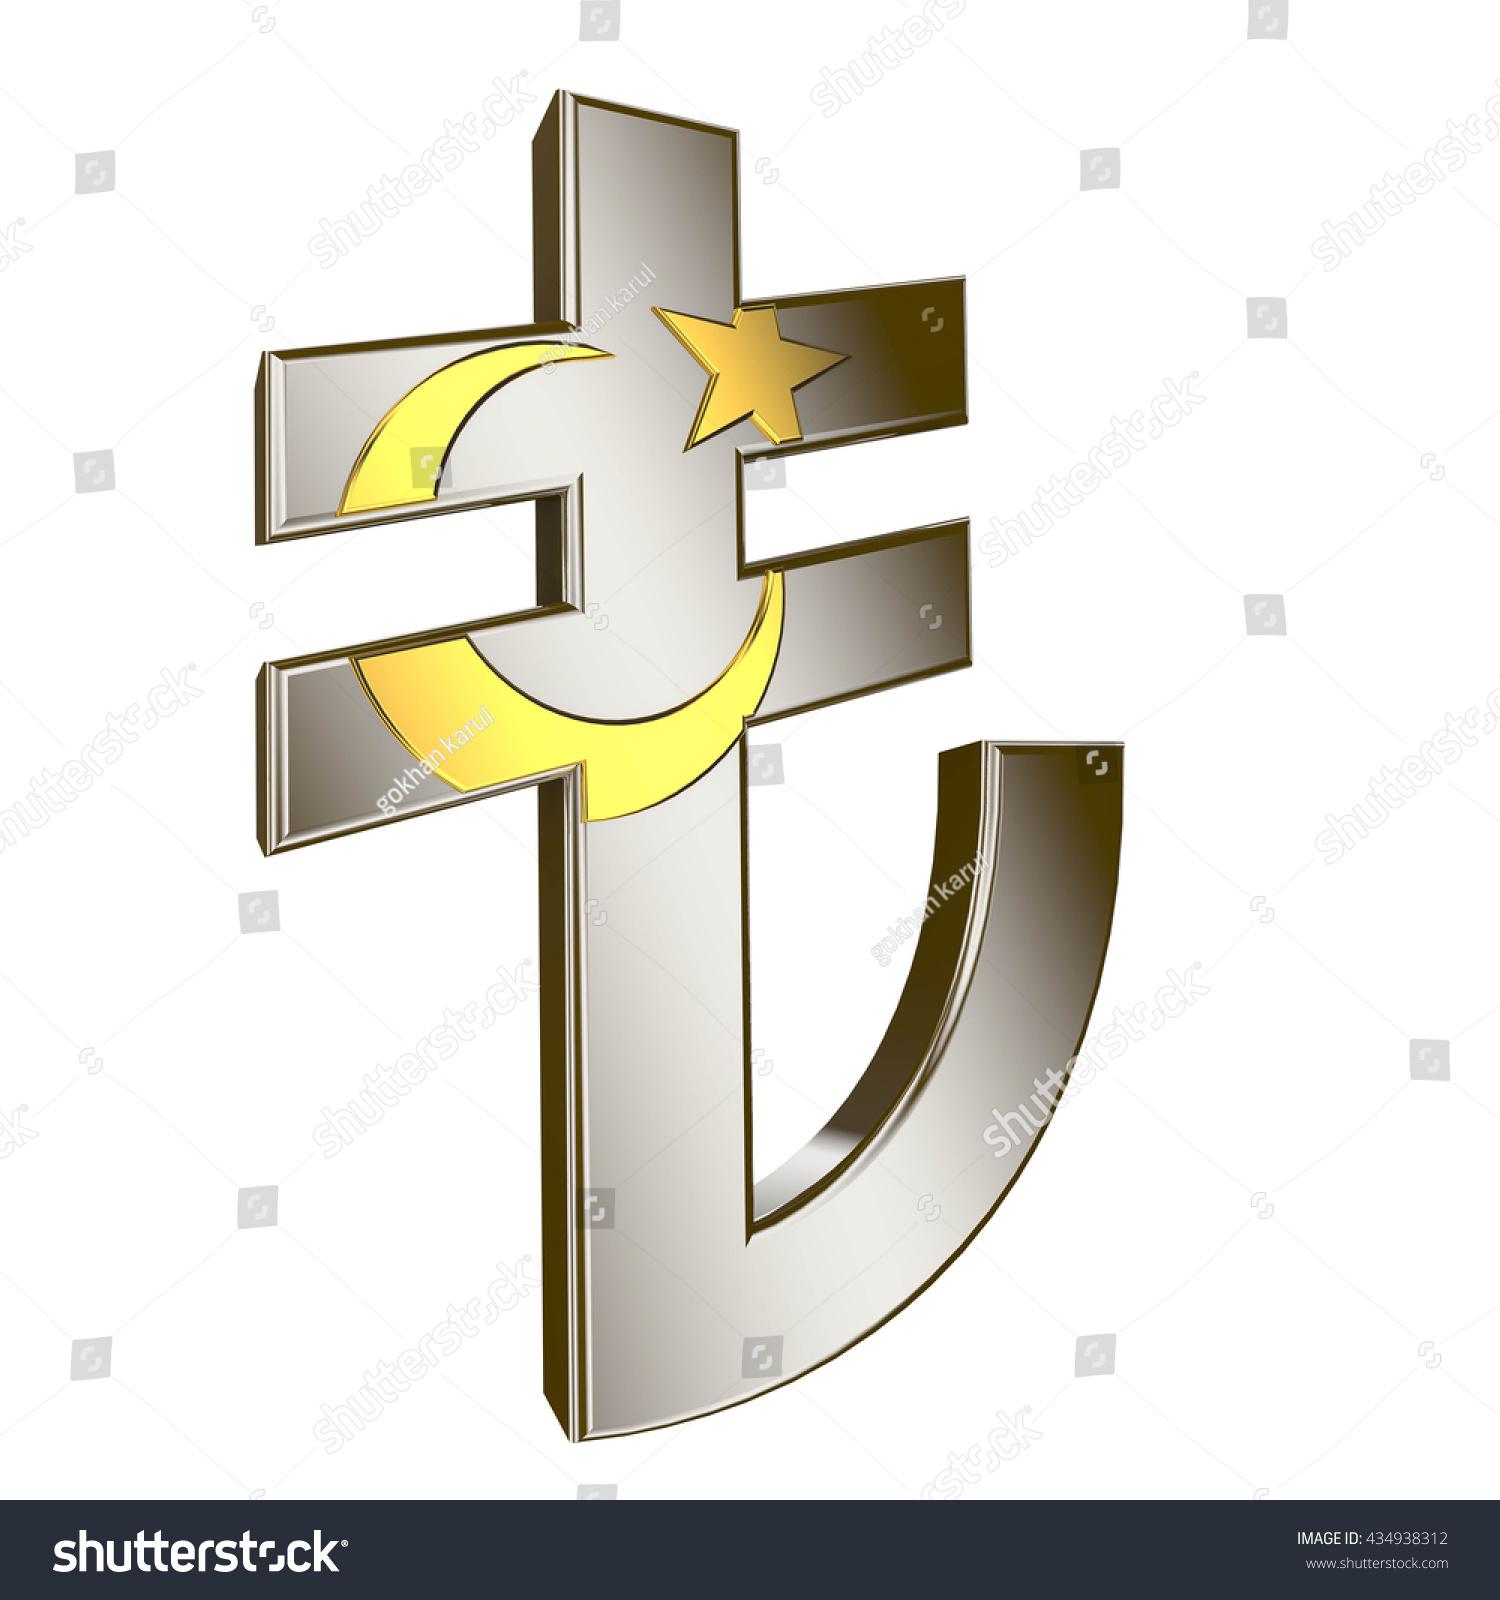 Turkish lira currency symbol 3d tl stock illustration 434938312 turkish lira currency symbol 3d tl icon buycottarizona